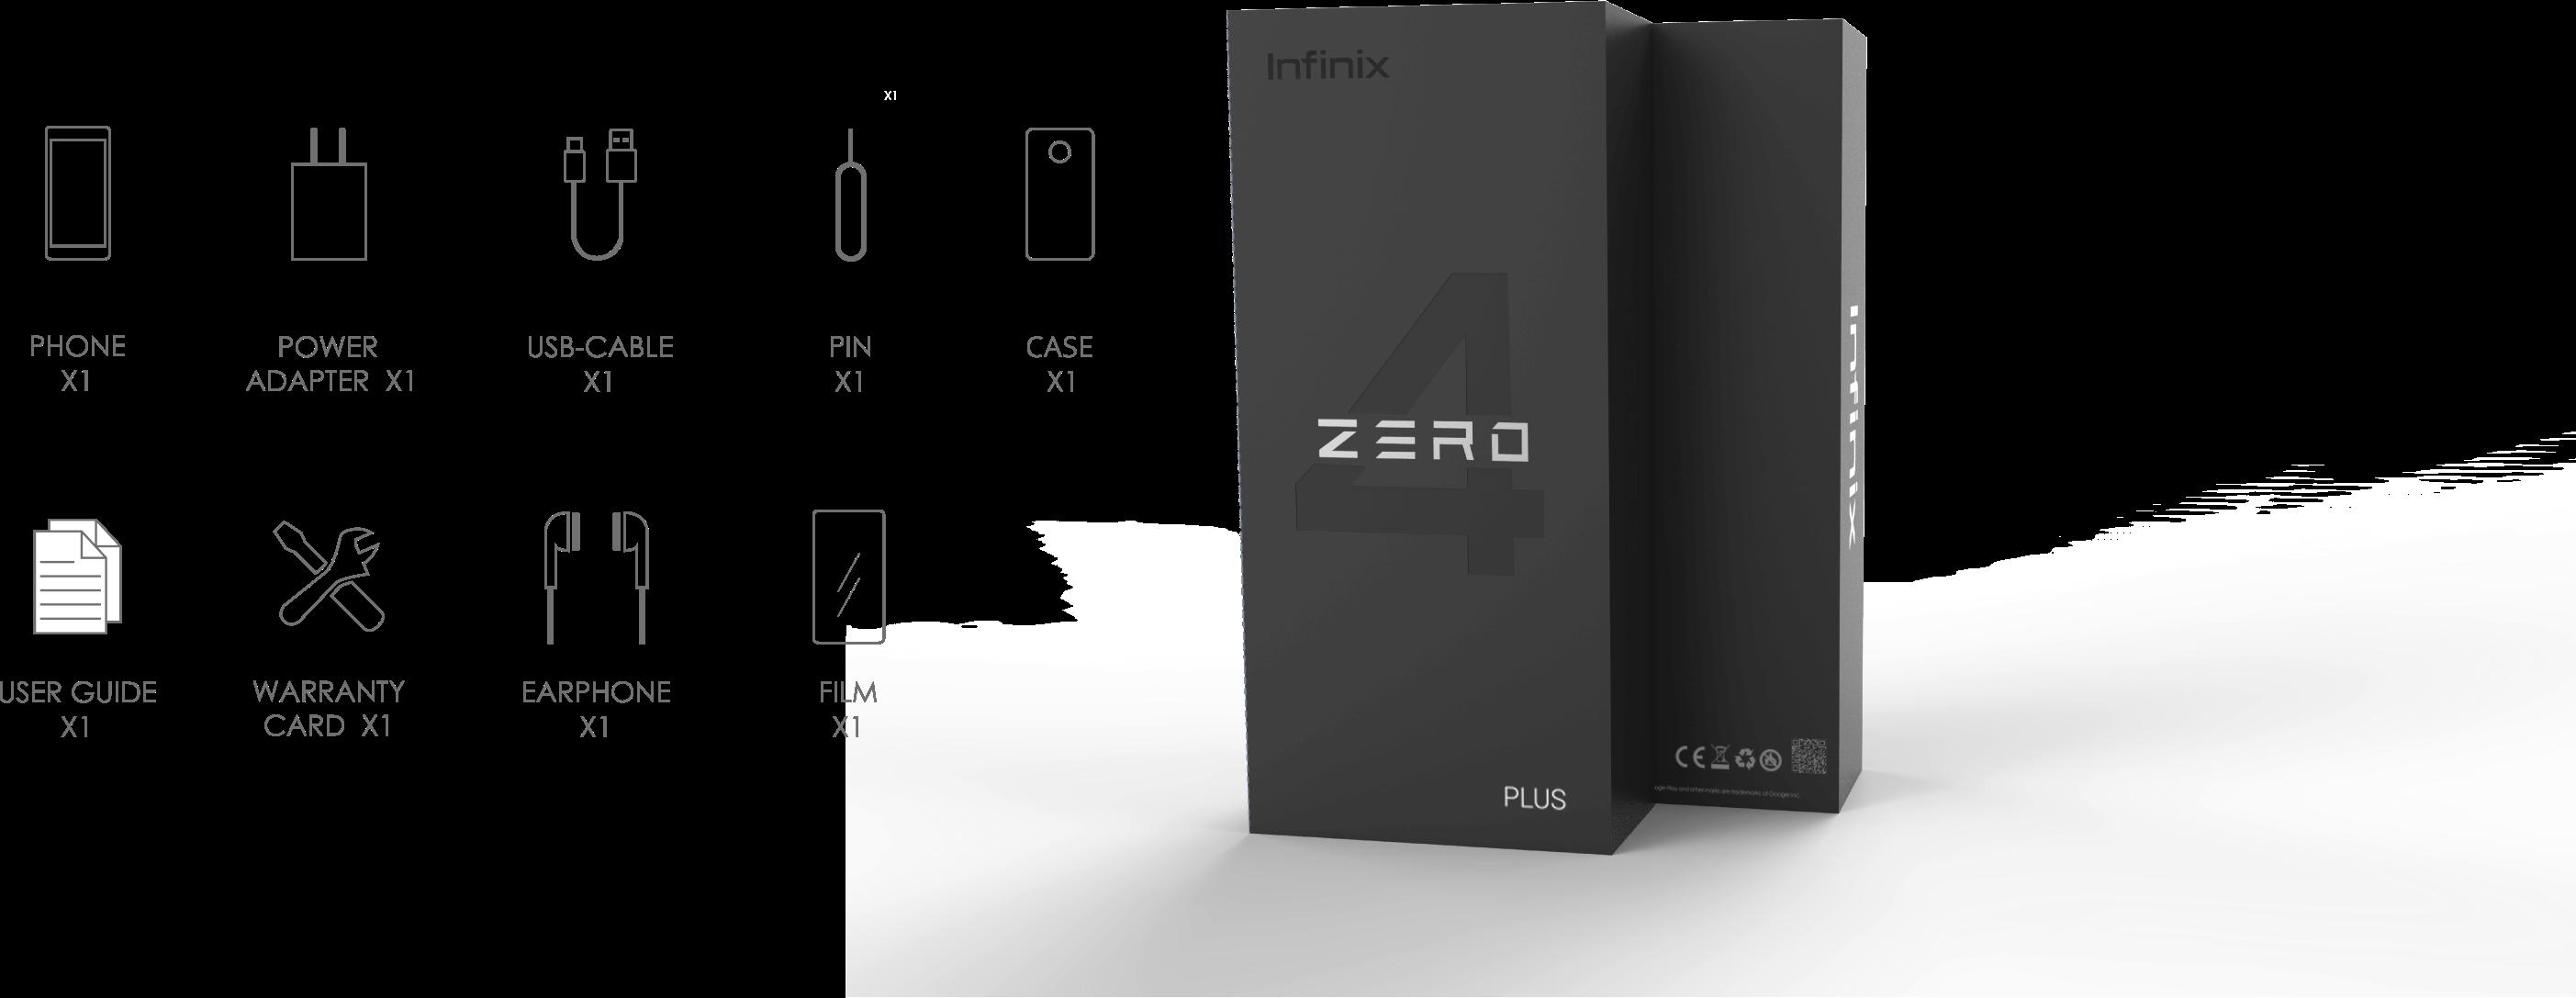 Unboxing infinix zero 4 plus